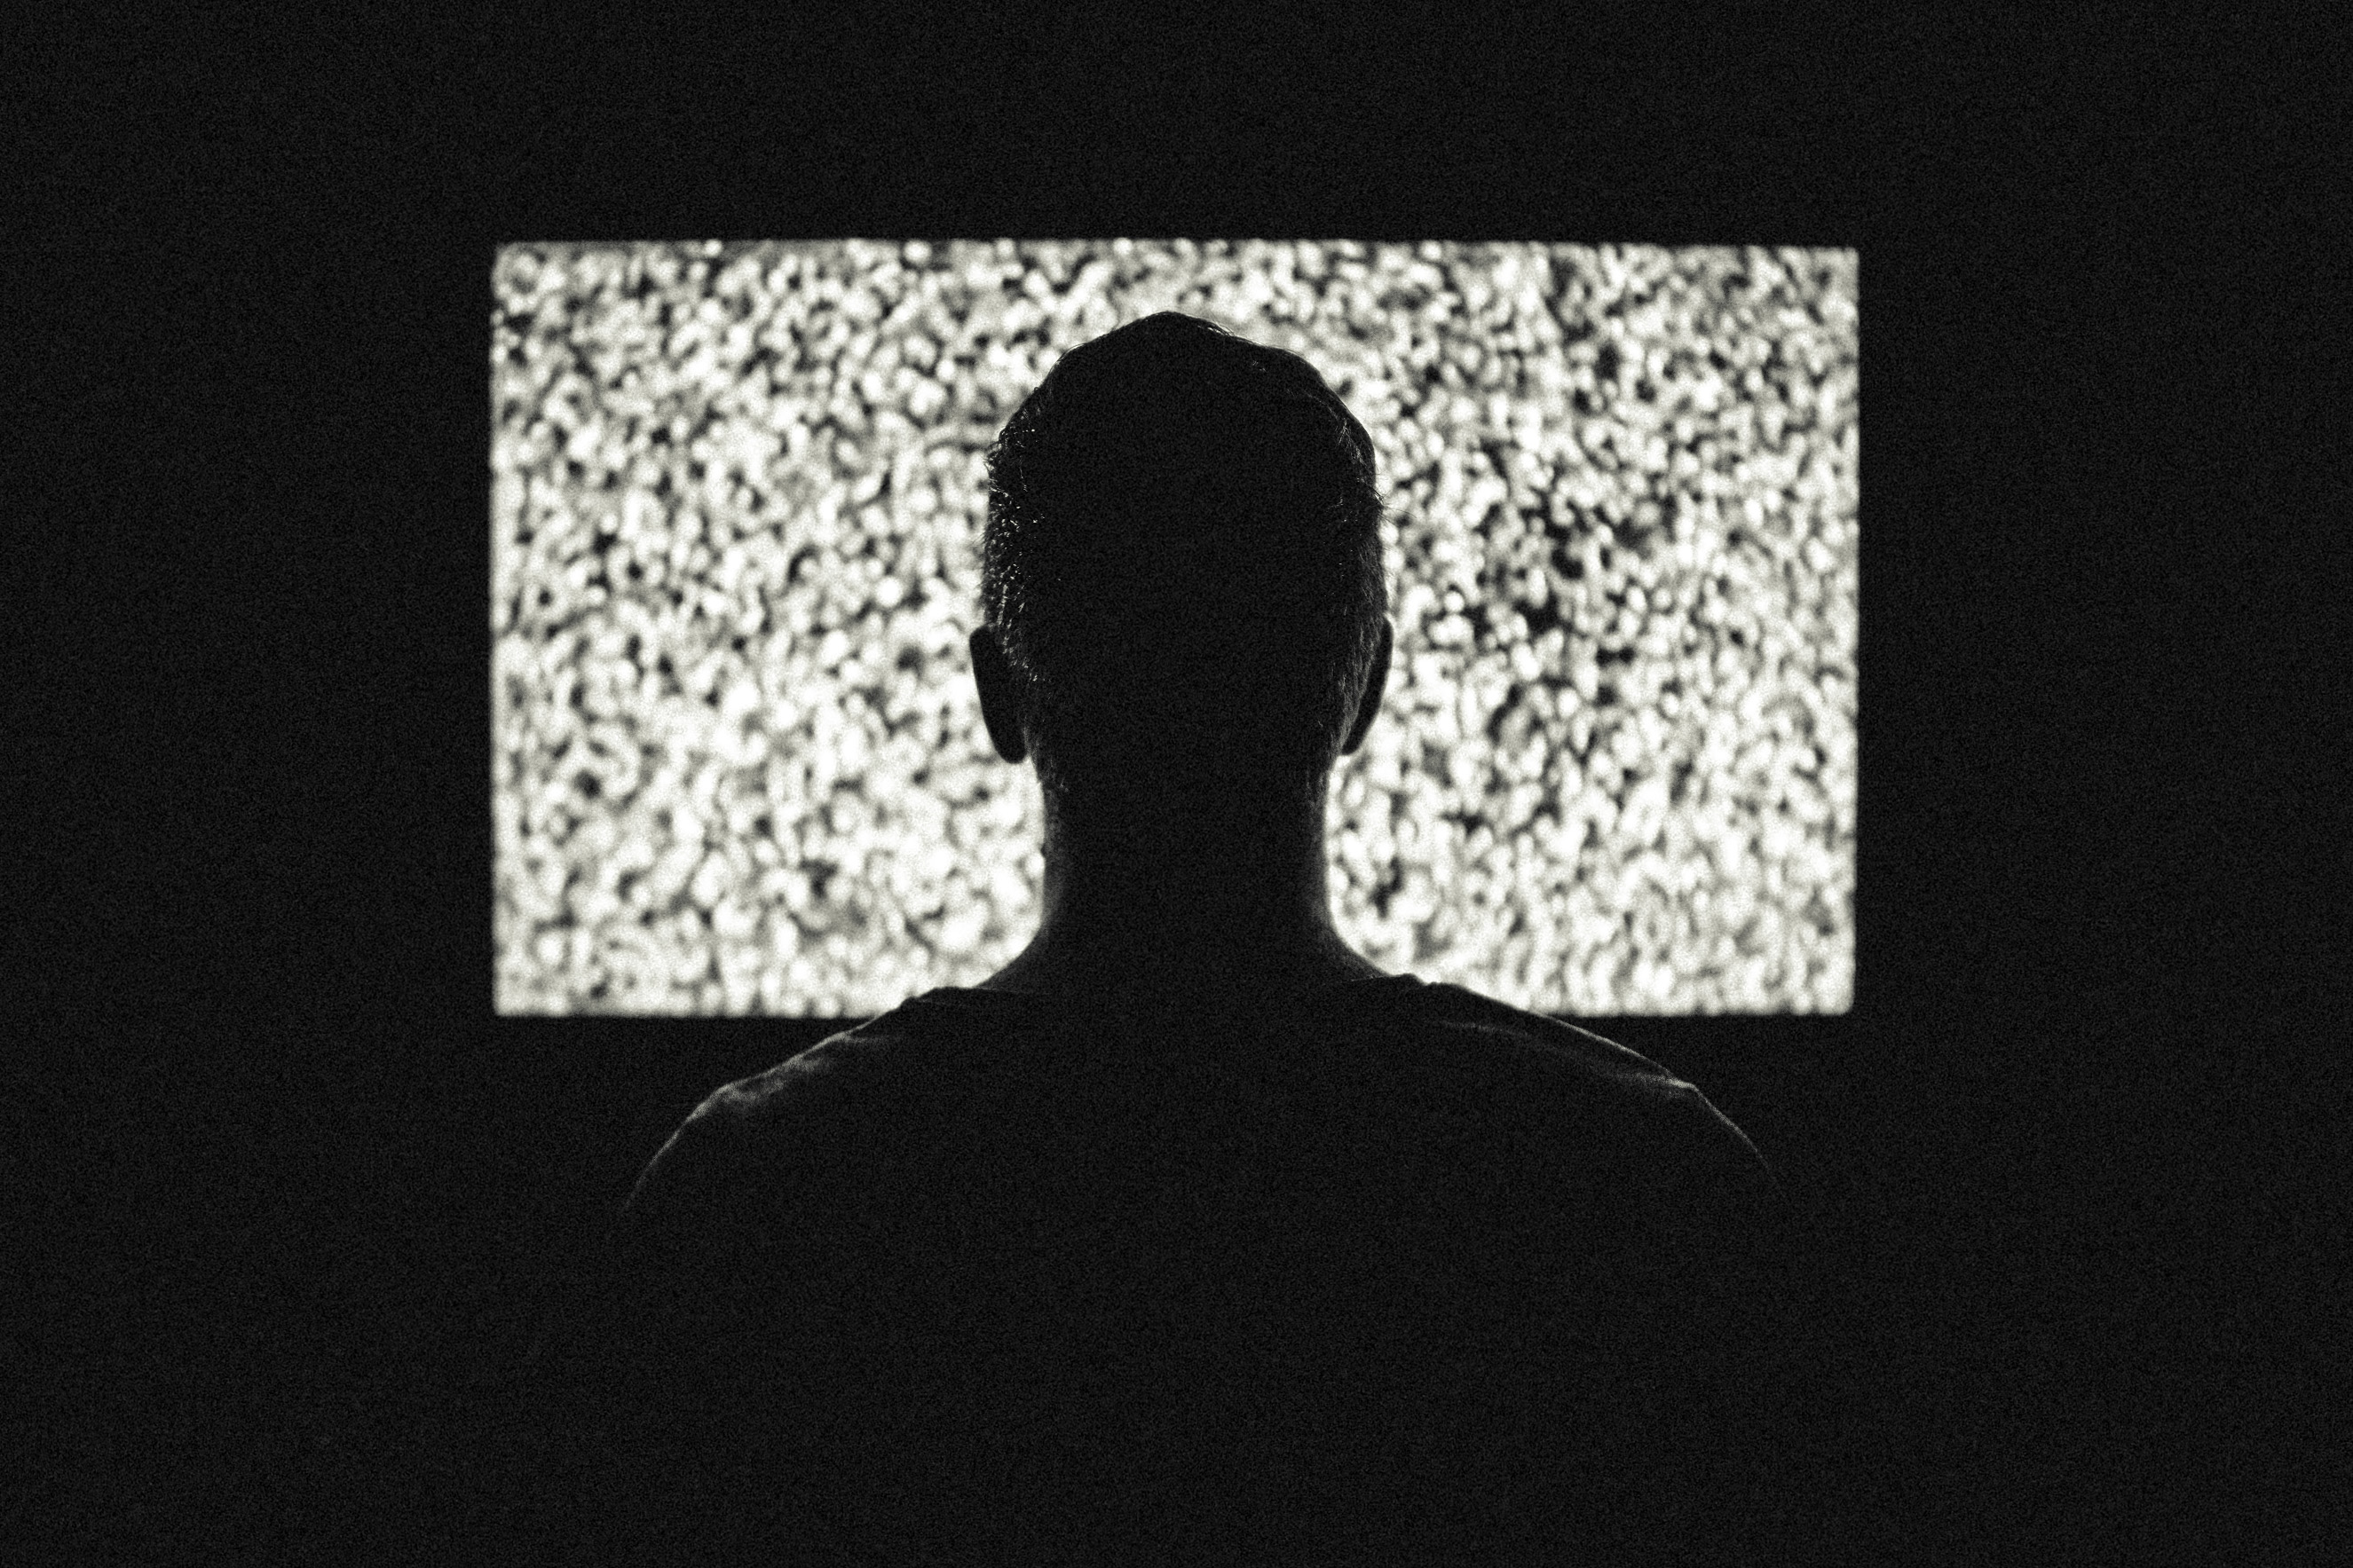 imparare-inglese-britannico-serie-tv